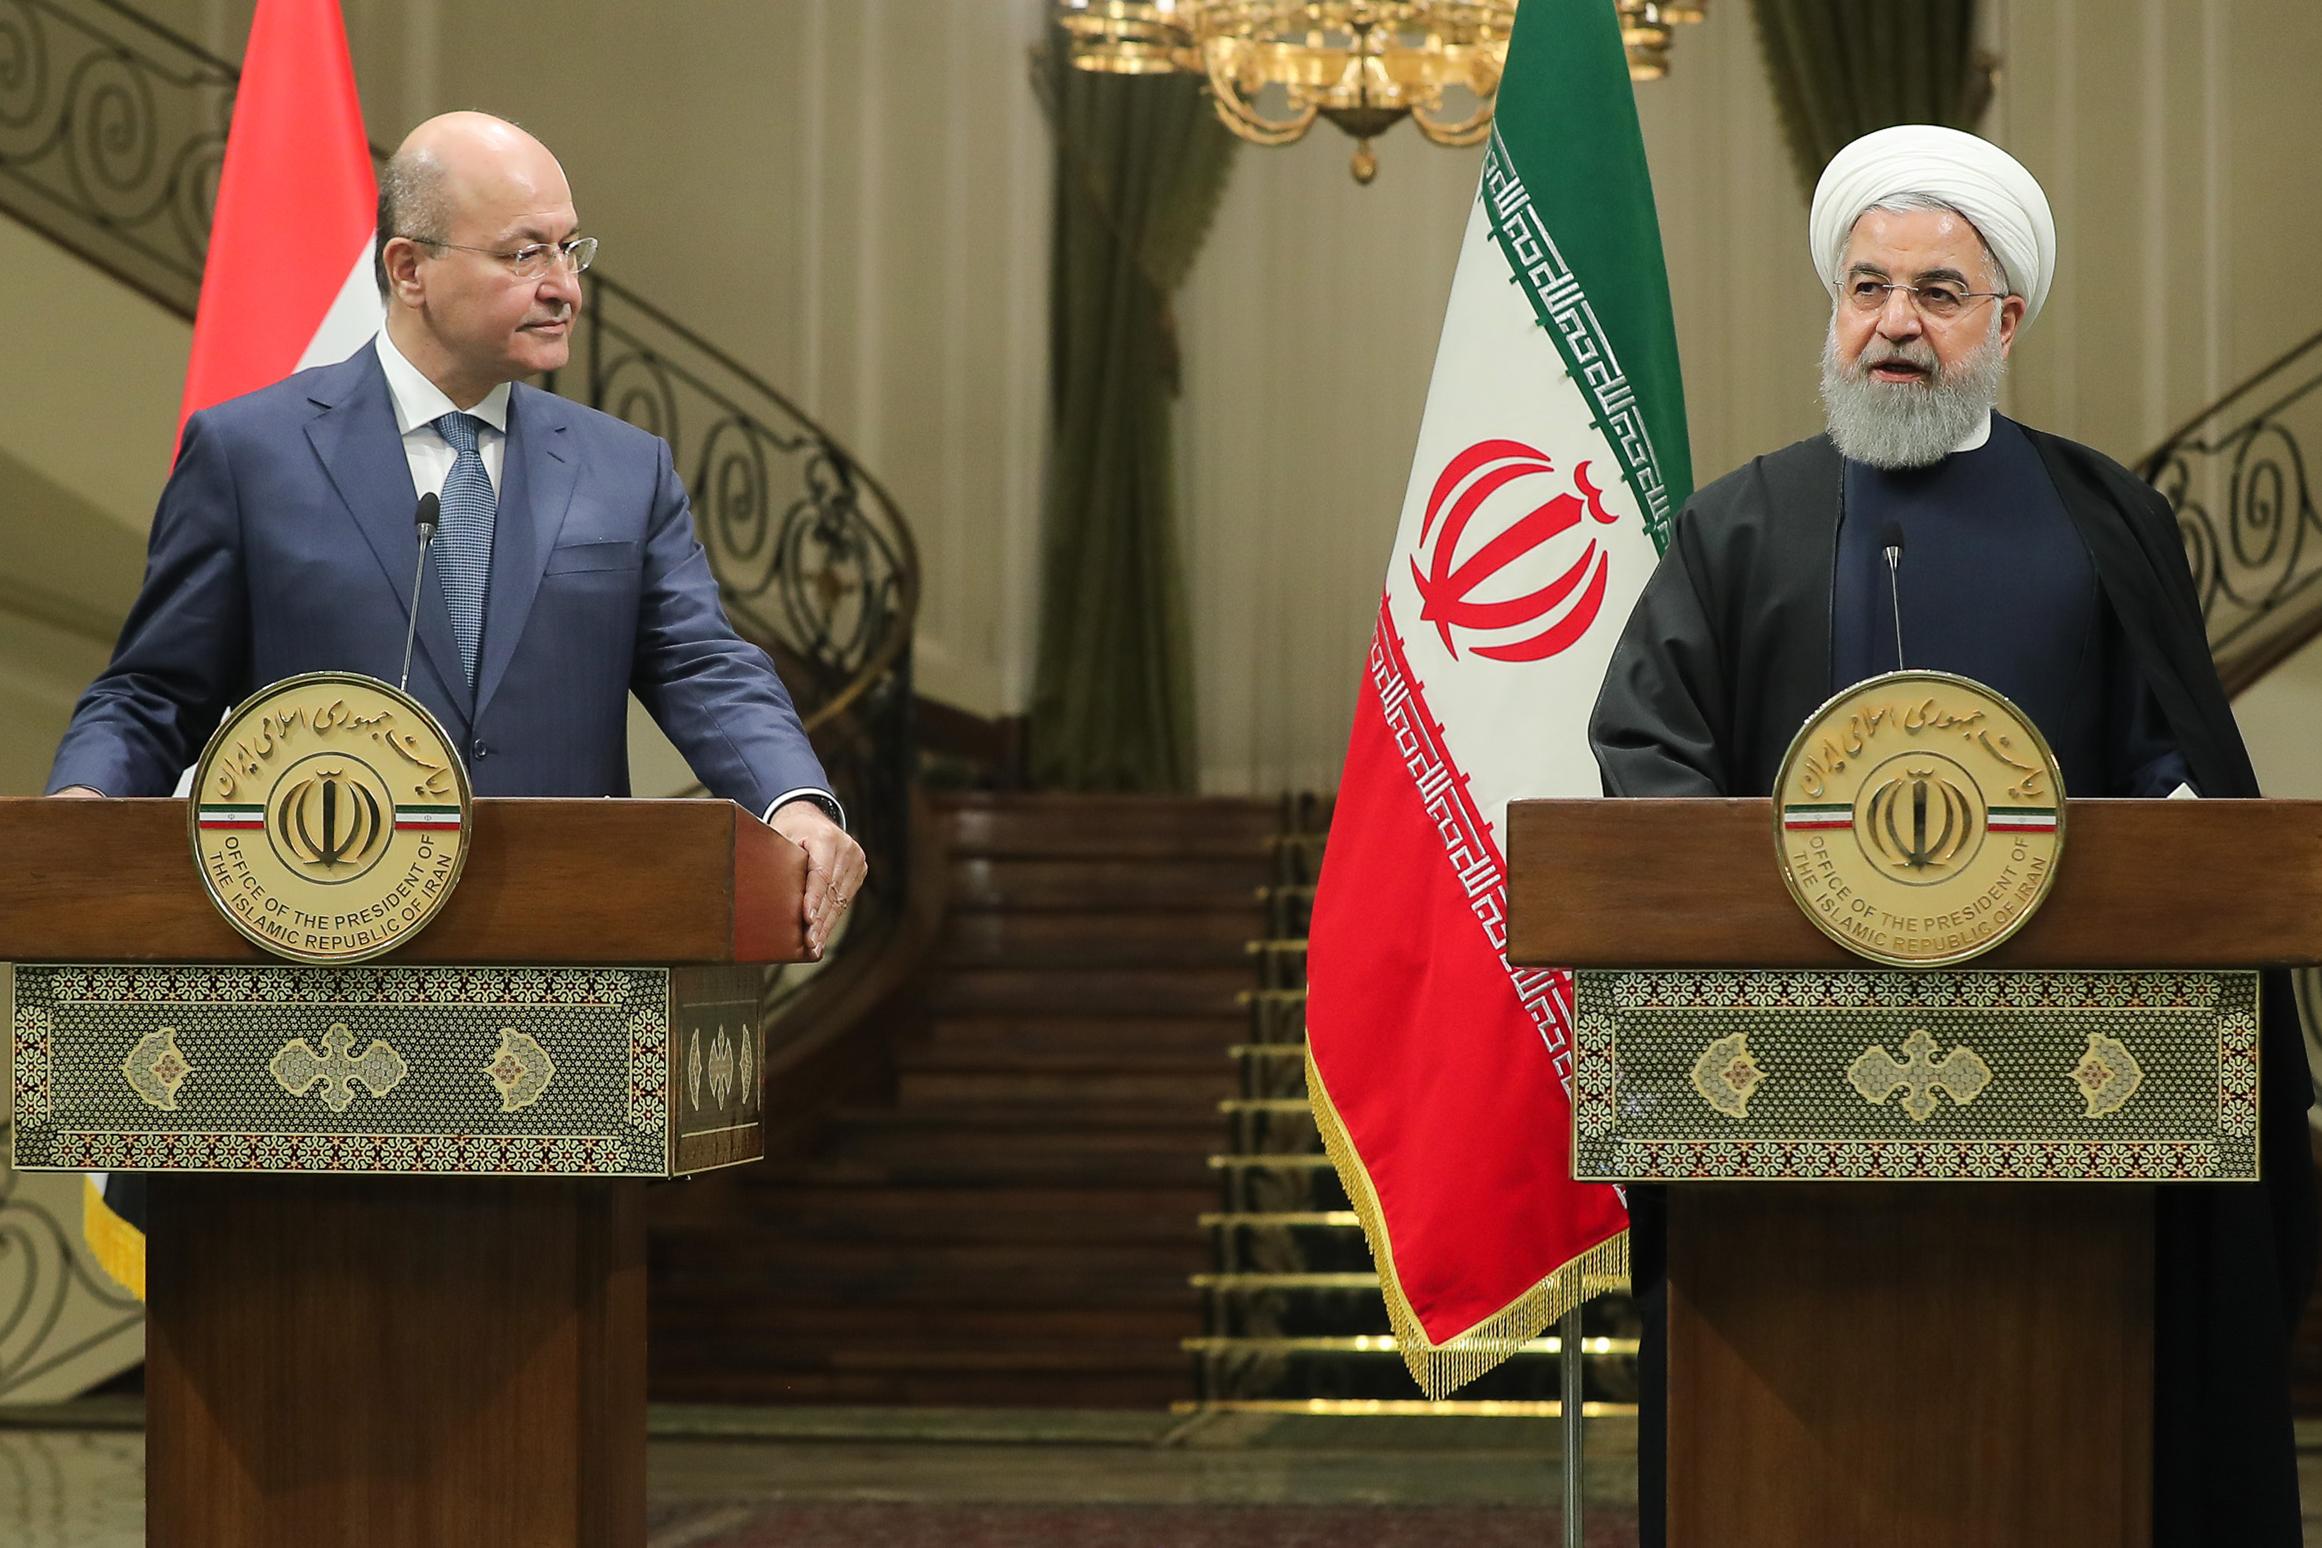 guardian.ng - AFP - Iraq president visits Iran